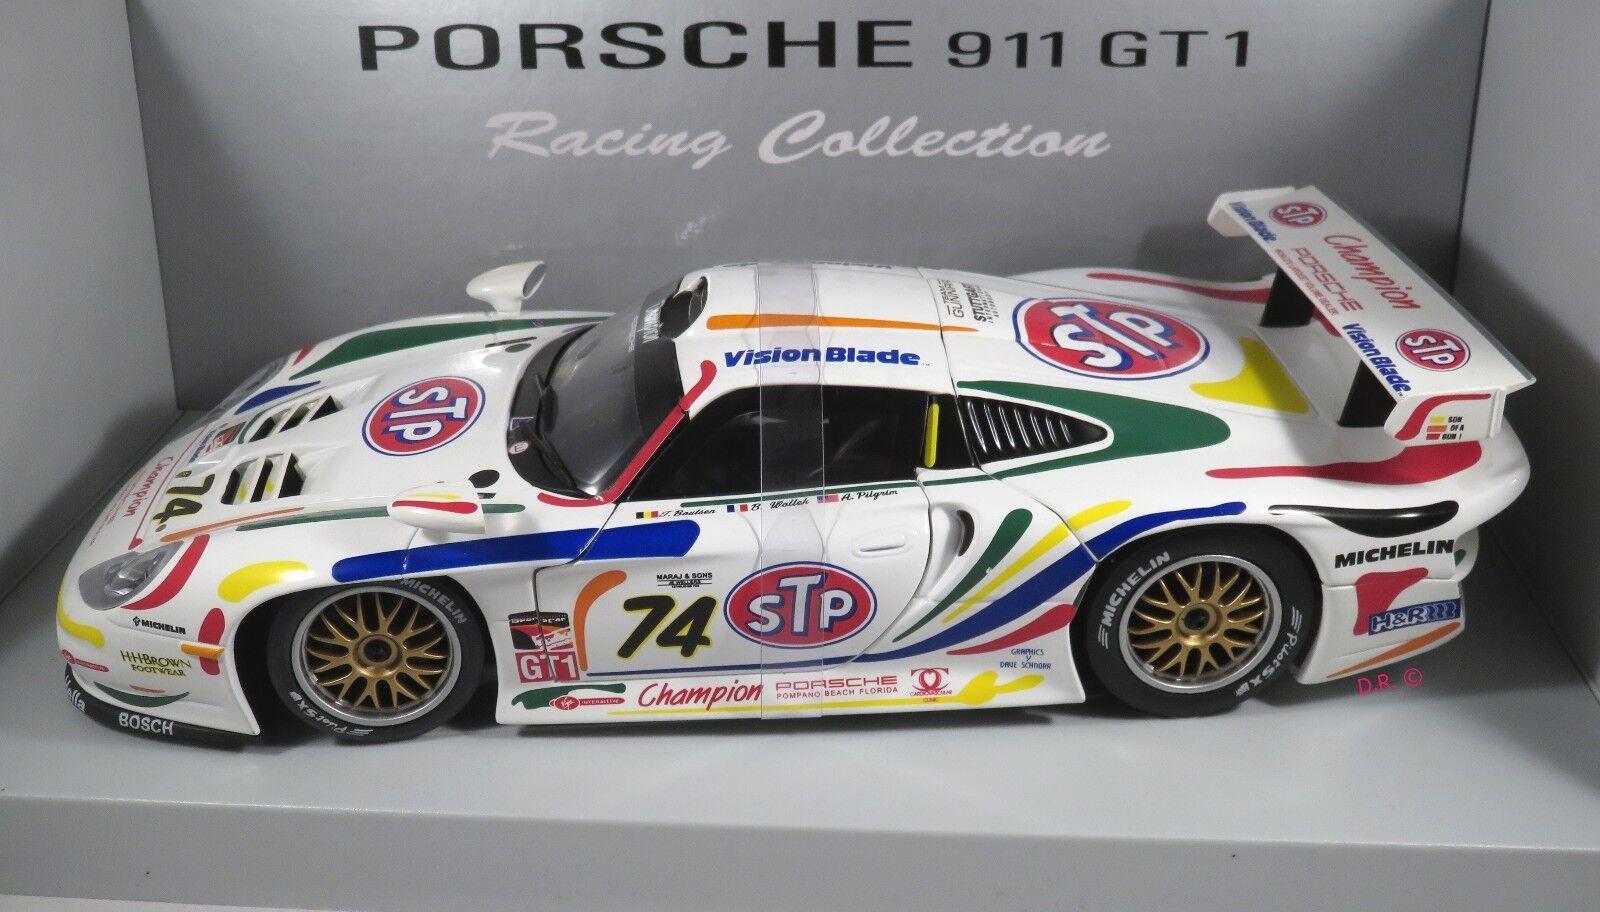 Porsche 911 gt1 evo   74 boutsen wollek pilger champion stp sebring 1998 ut 1,18